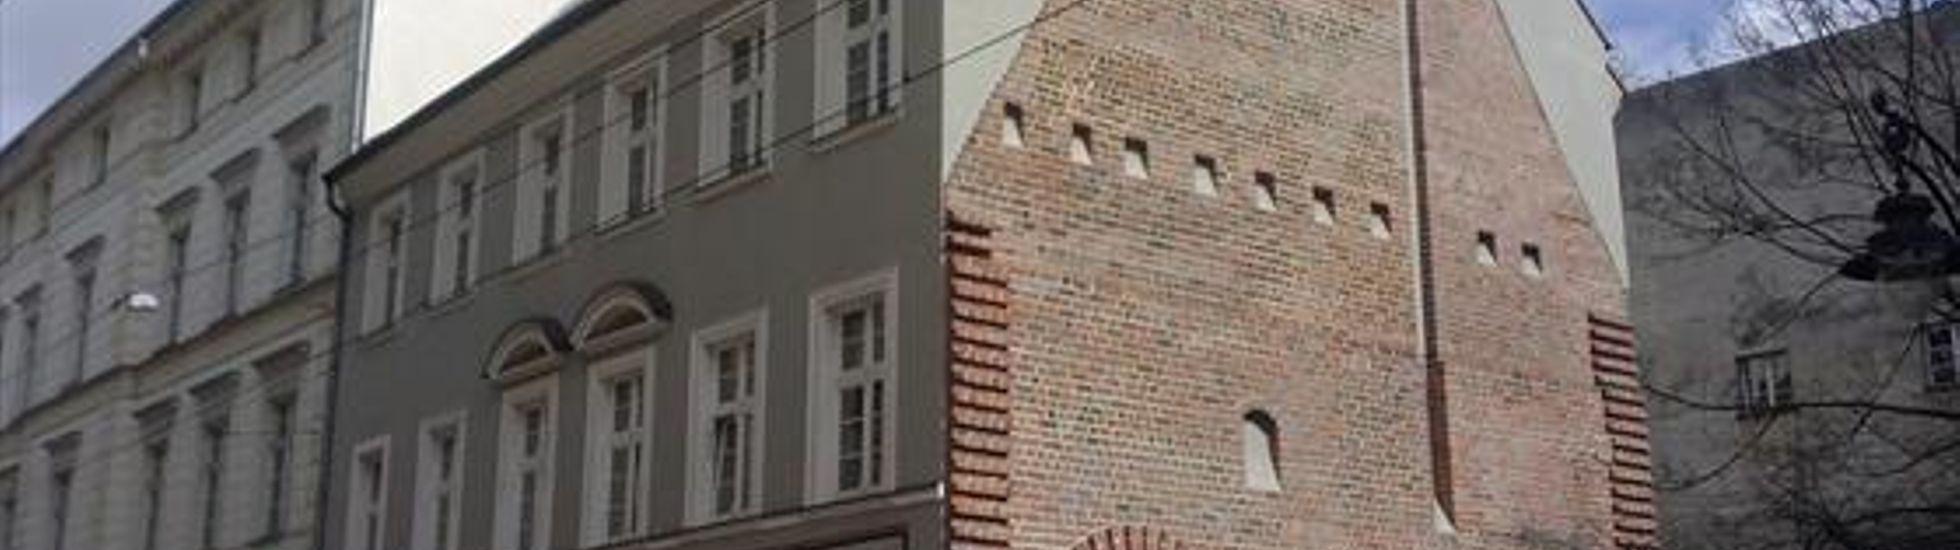 Wrocław: Miasto sprzedaje zabytkową kamienicę w ścisłym centrum